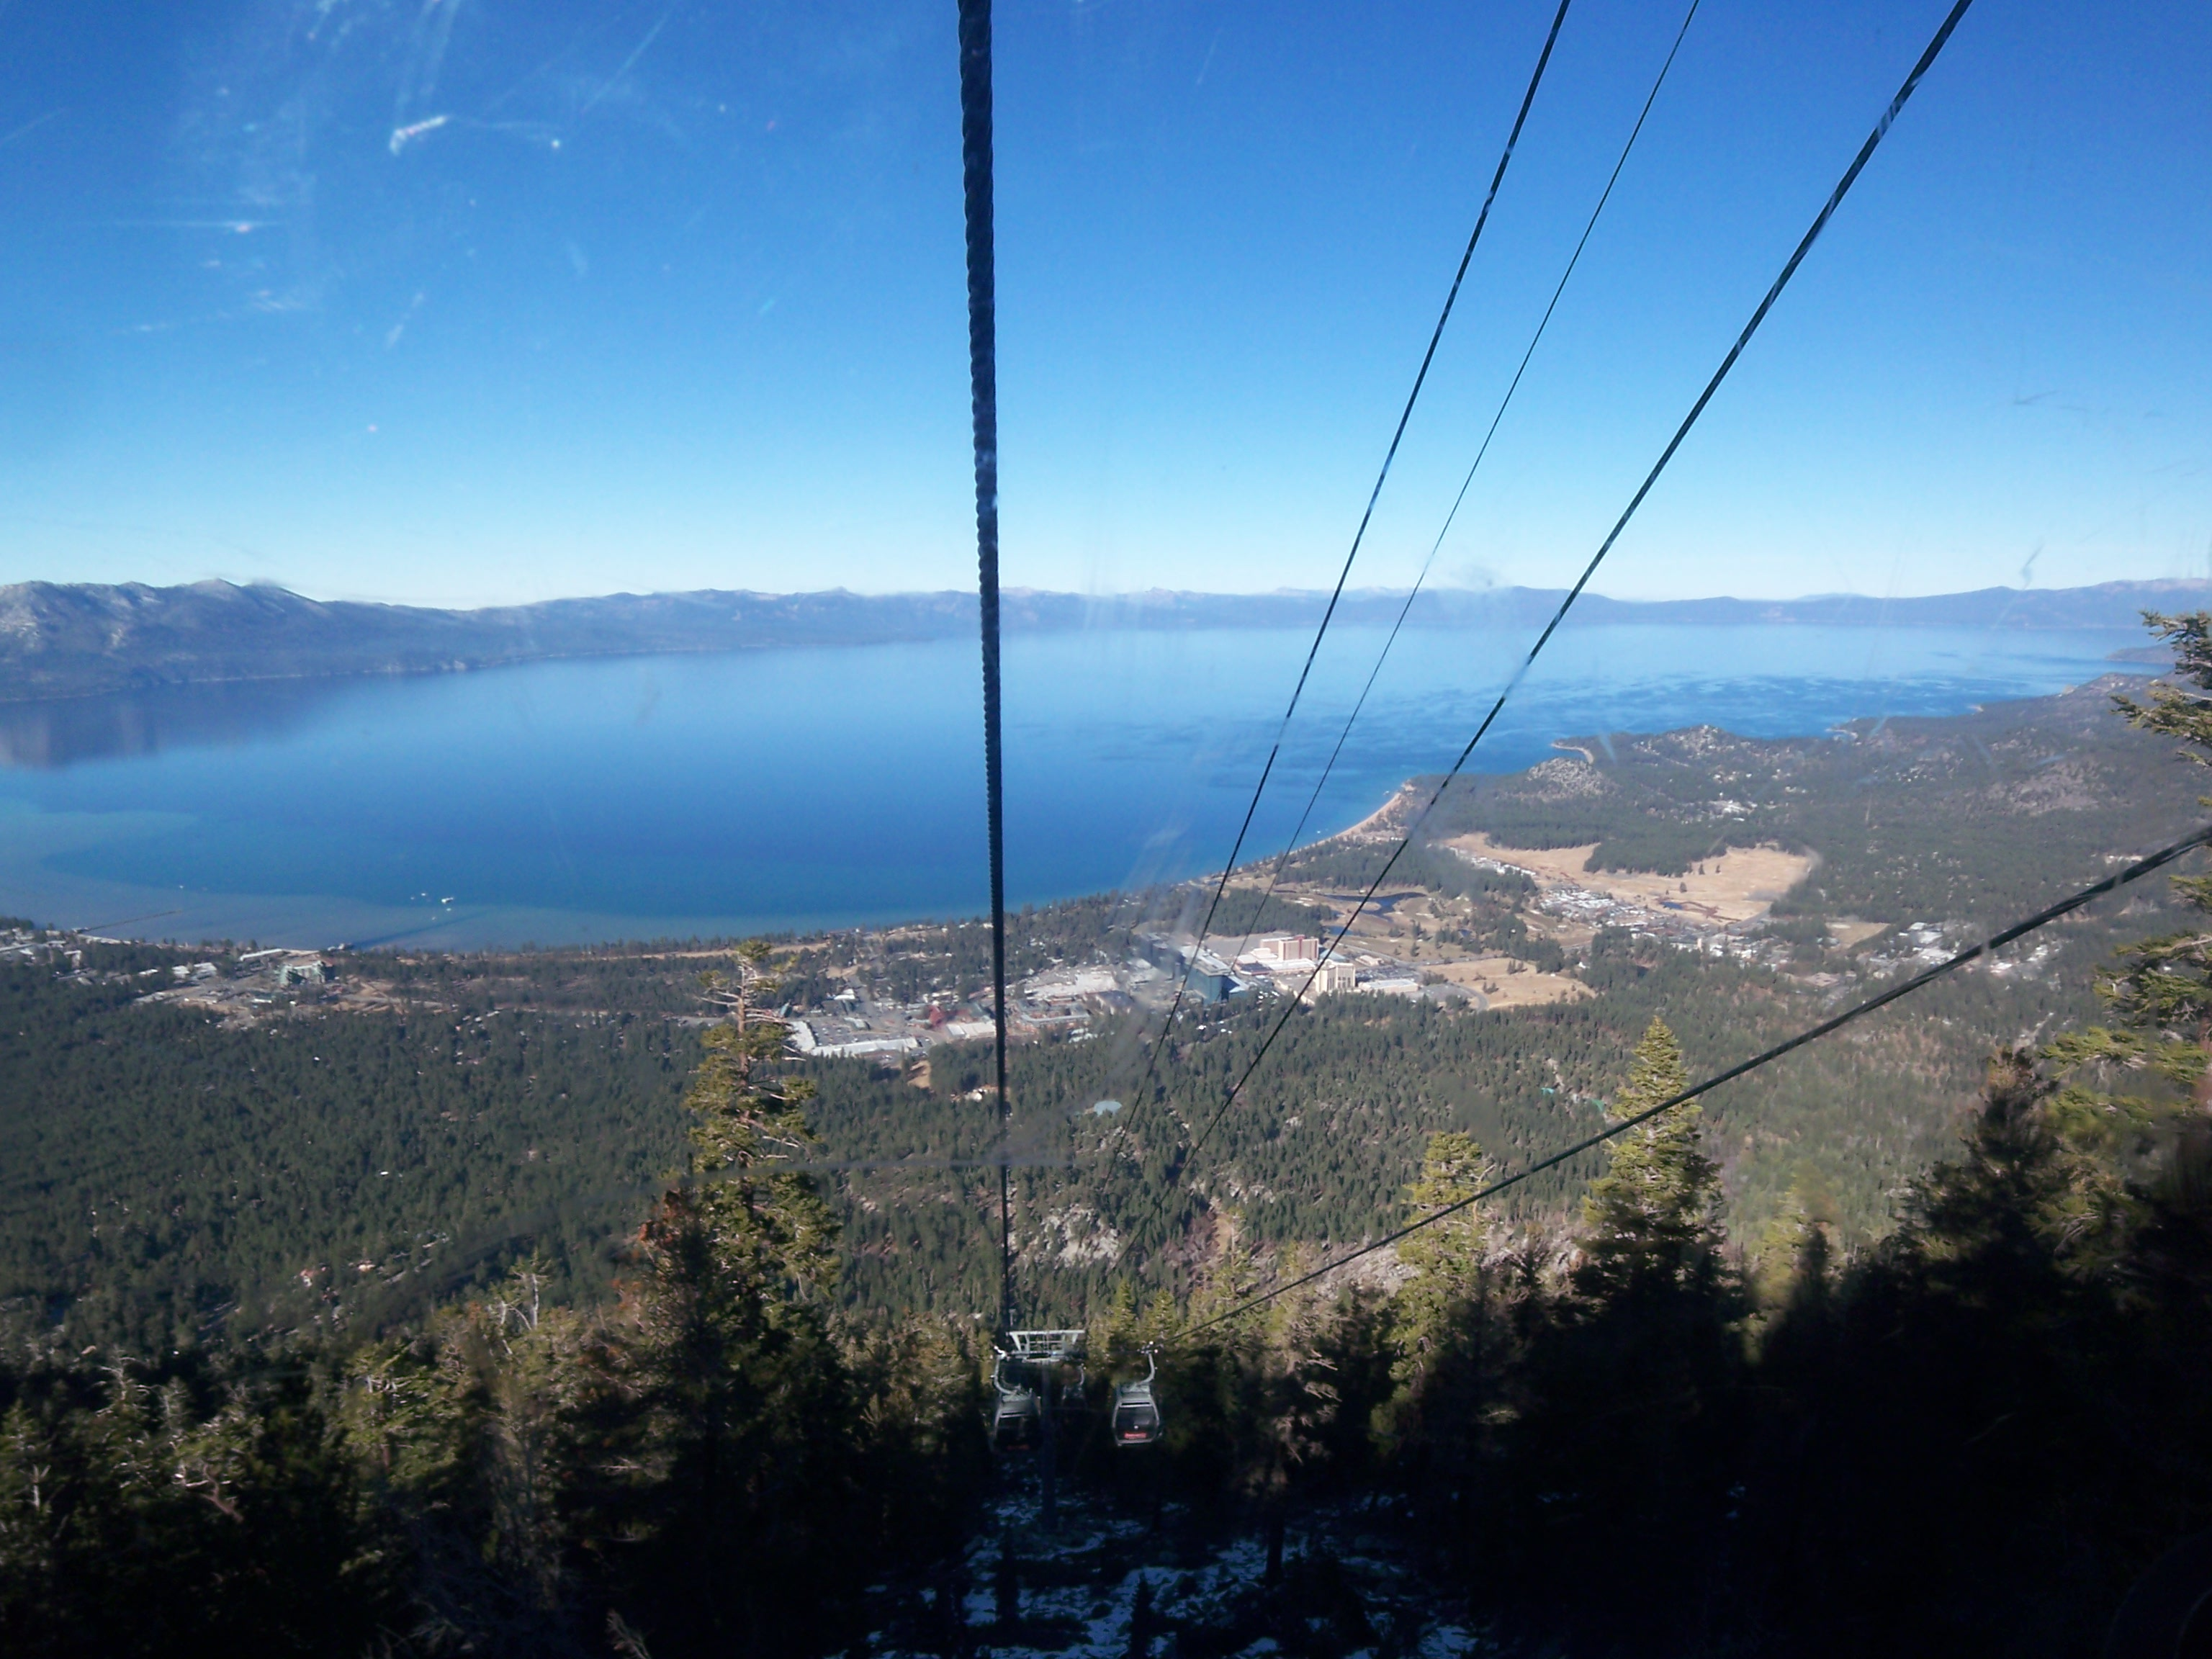 heavenly resort hiking - lake tahoe hiking trails